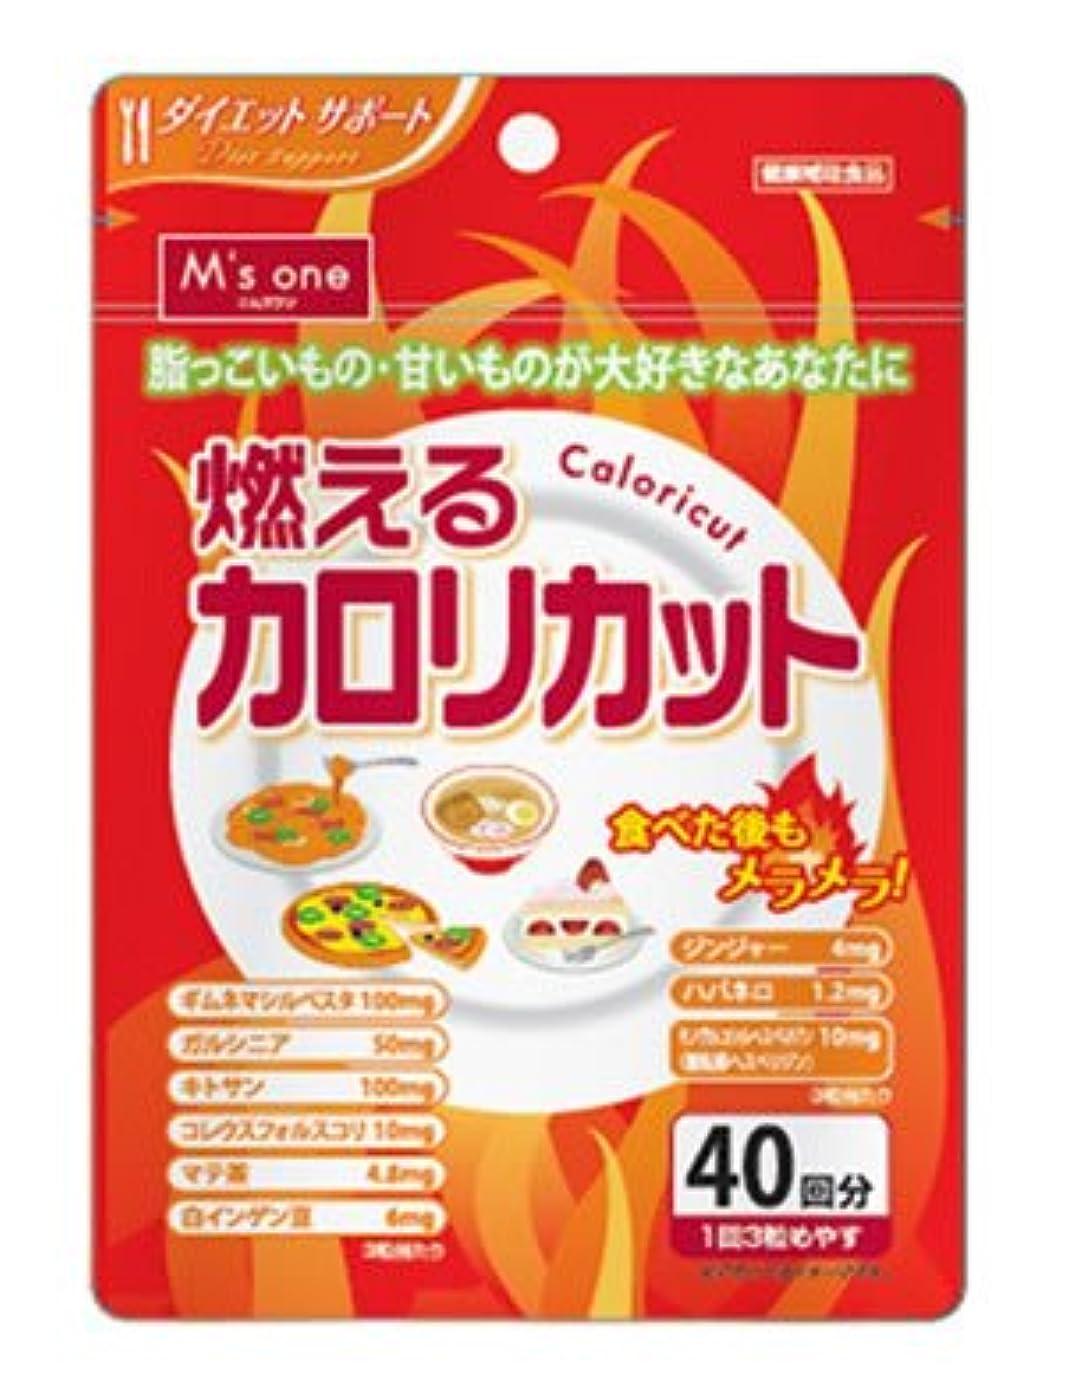 未亡人アクティブメリーエムズワン 燃えるカロリカット ダイエットサポート サプリメント 健康補助食品 (40回分)